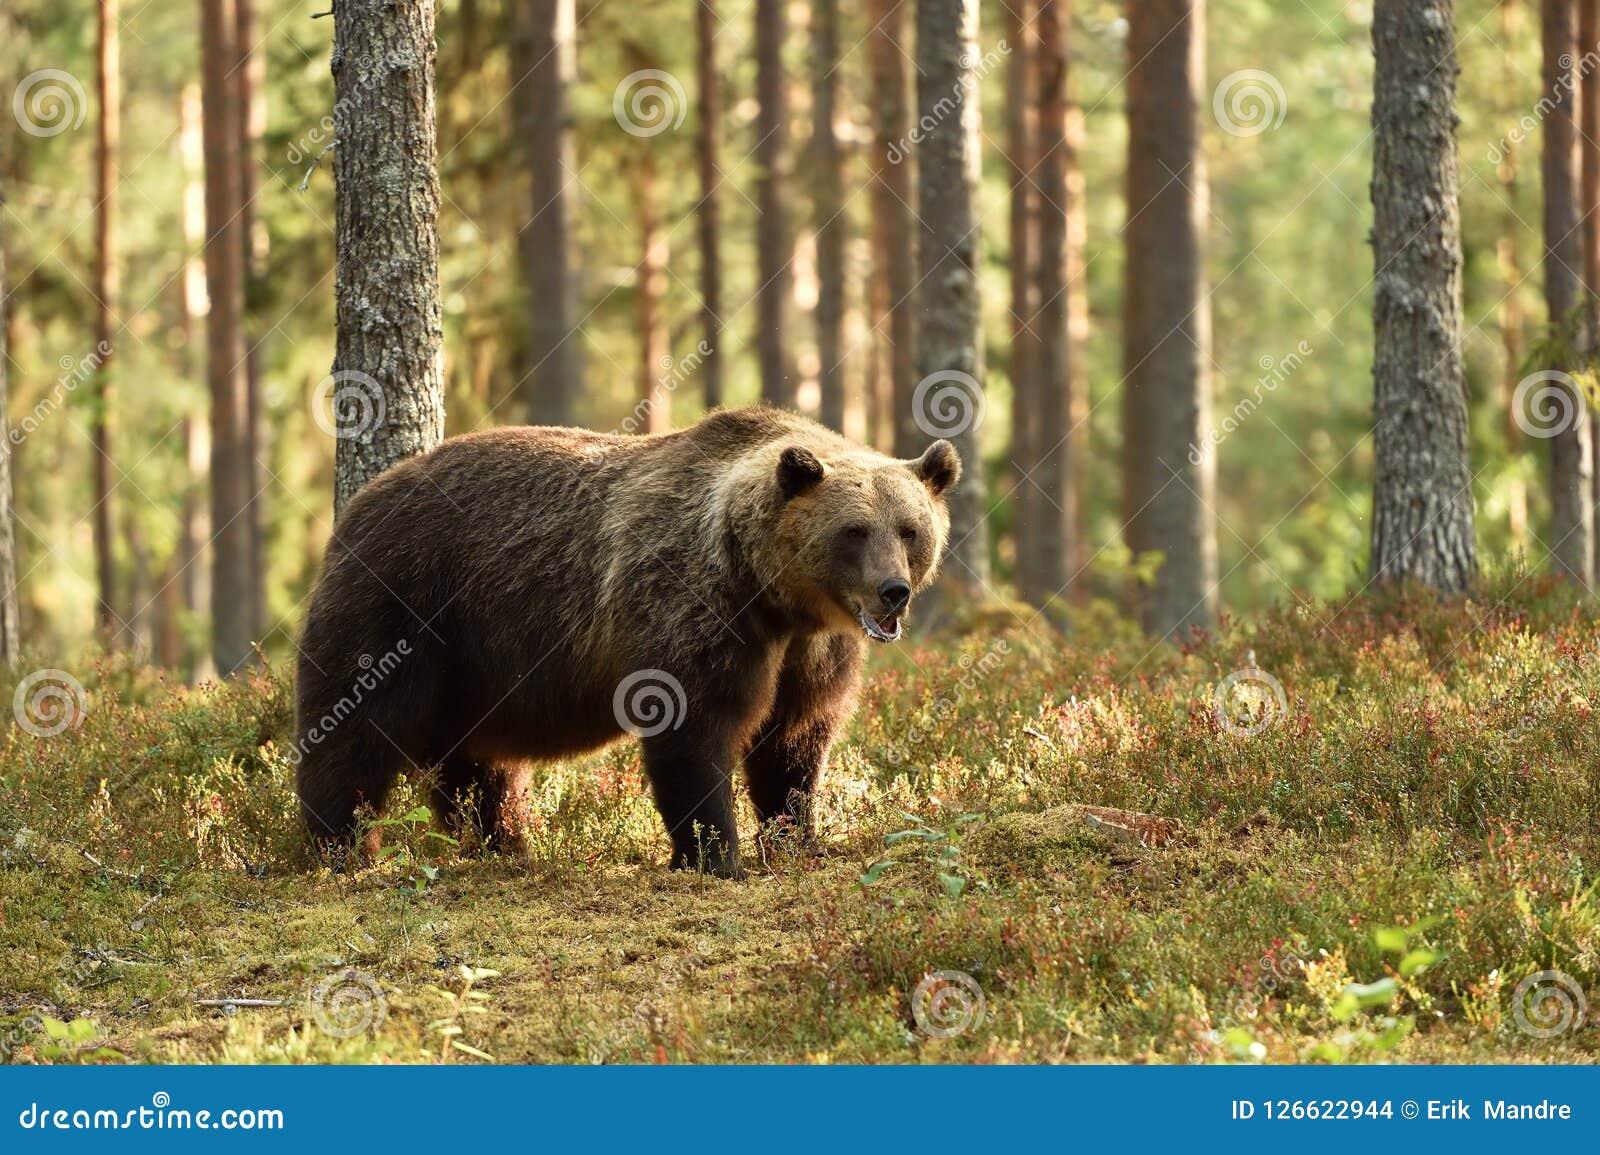 Ours brun puissant dans un paysage de forêt